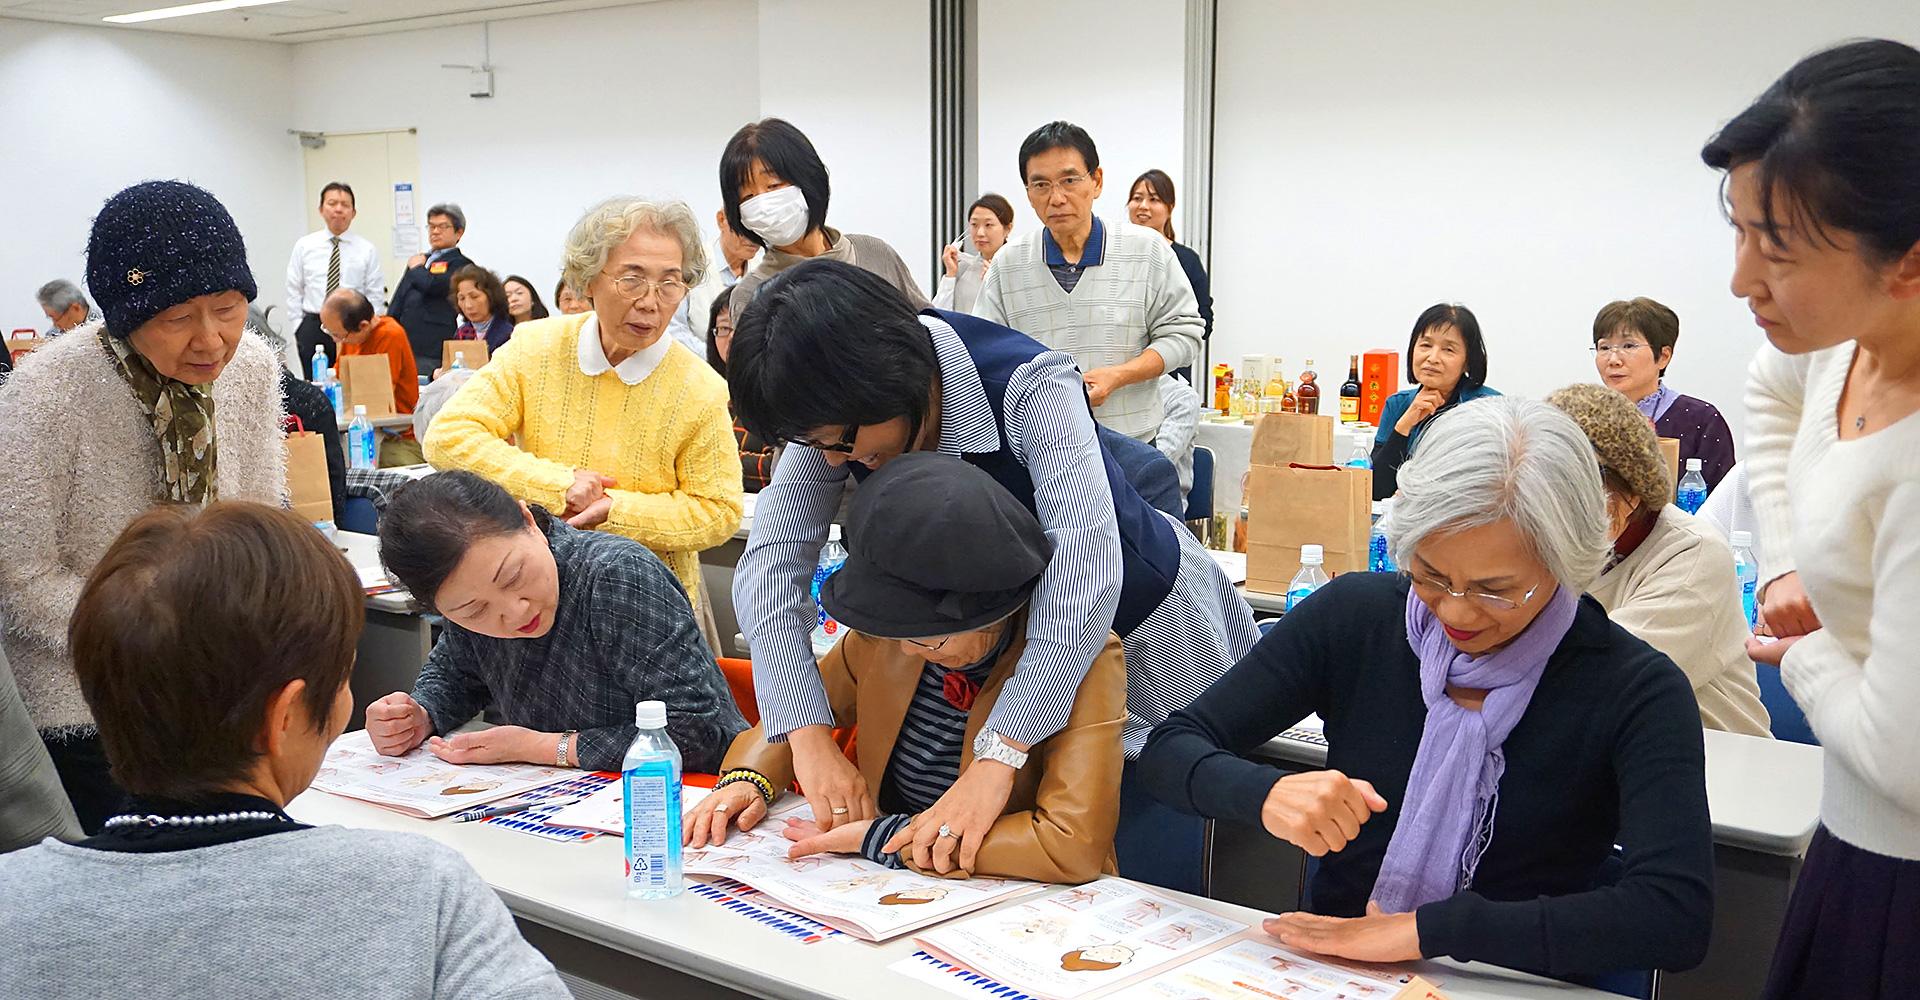 『養命酒だより』健康セミナー2016 in 神戸